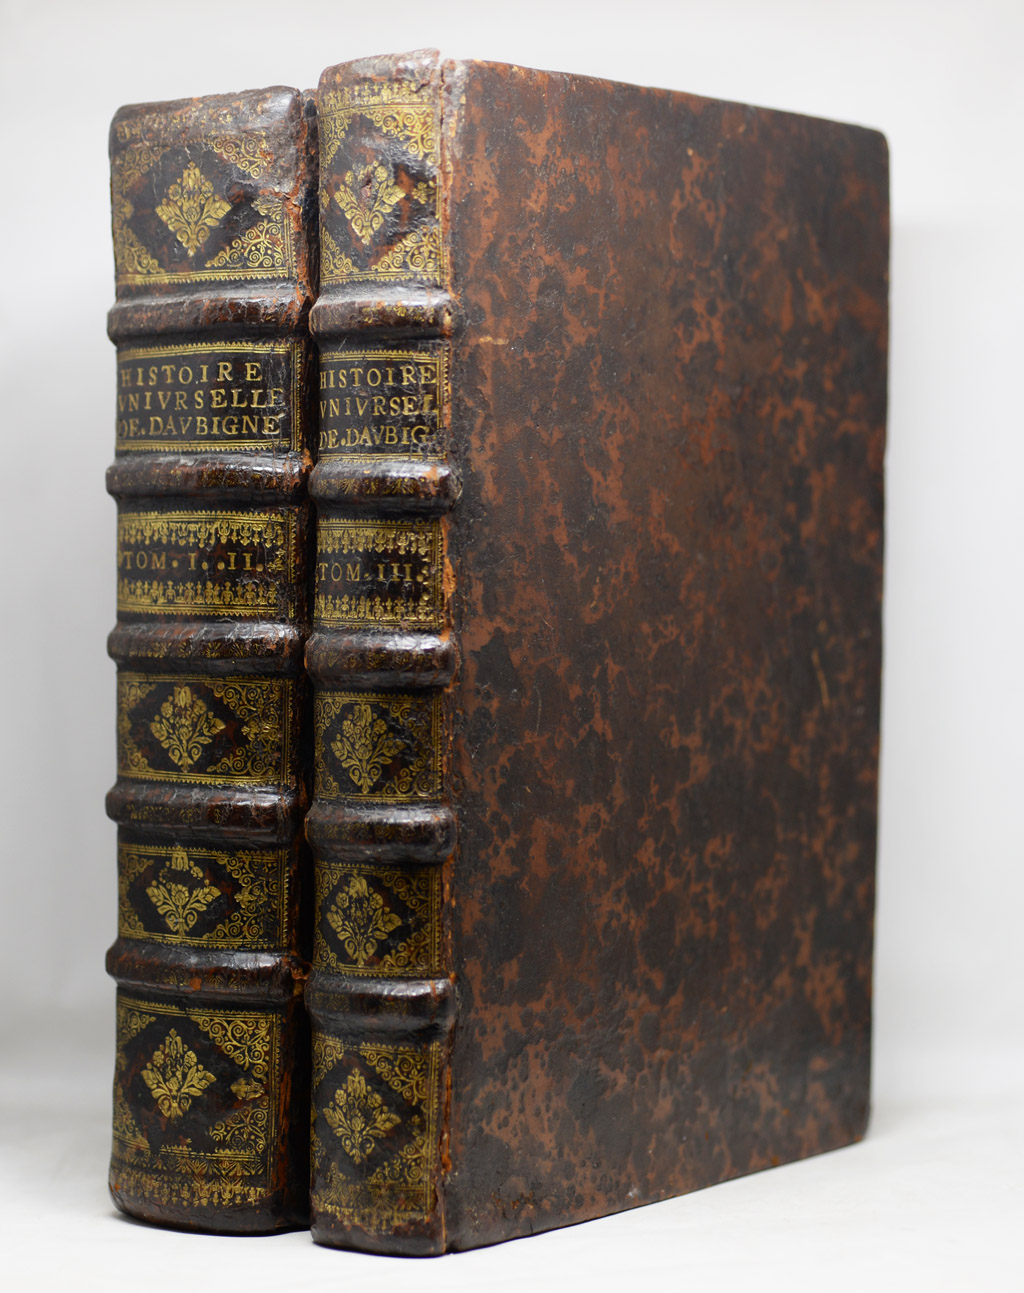 AUBIGNIÉ, Histoire universelle, 1616-1620.